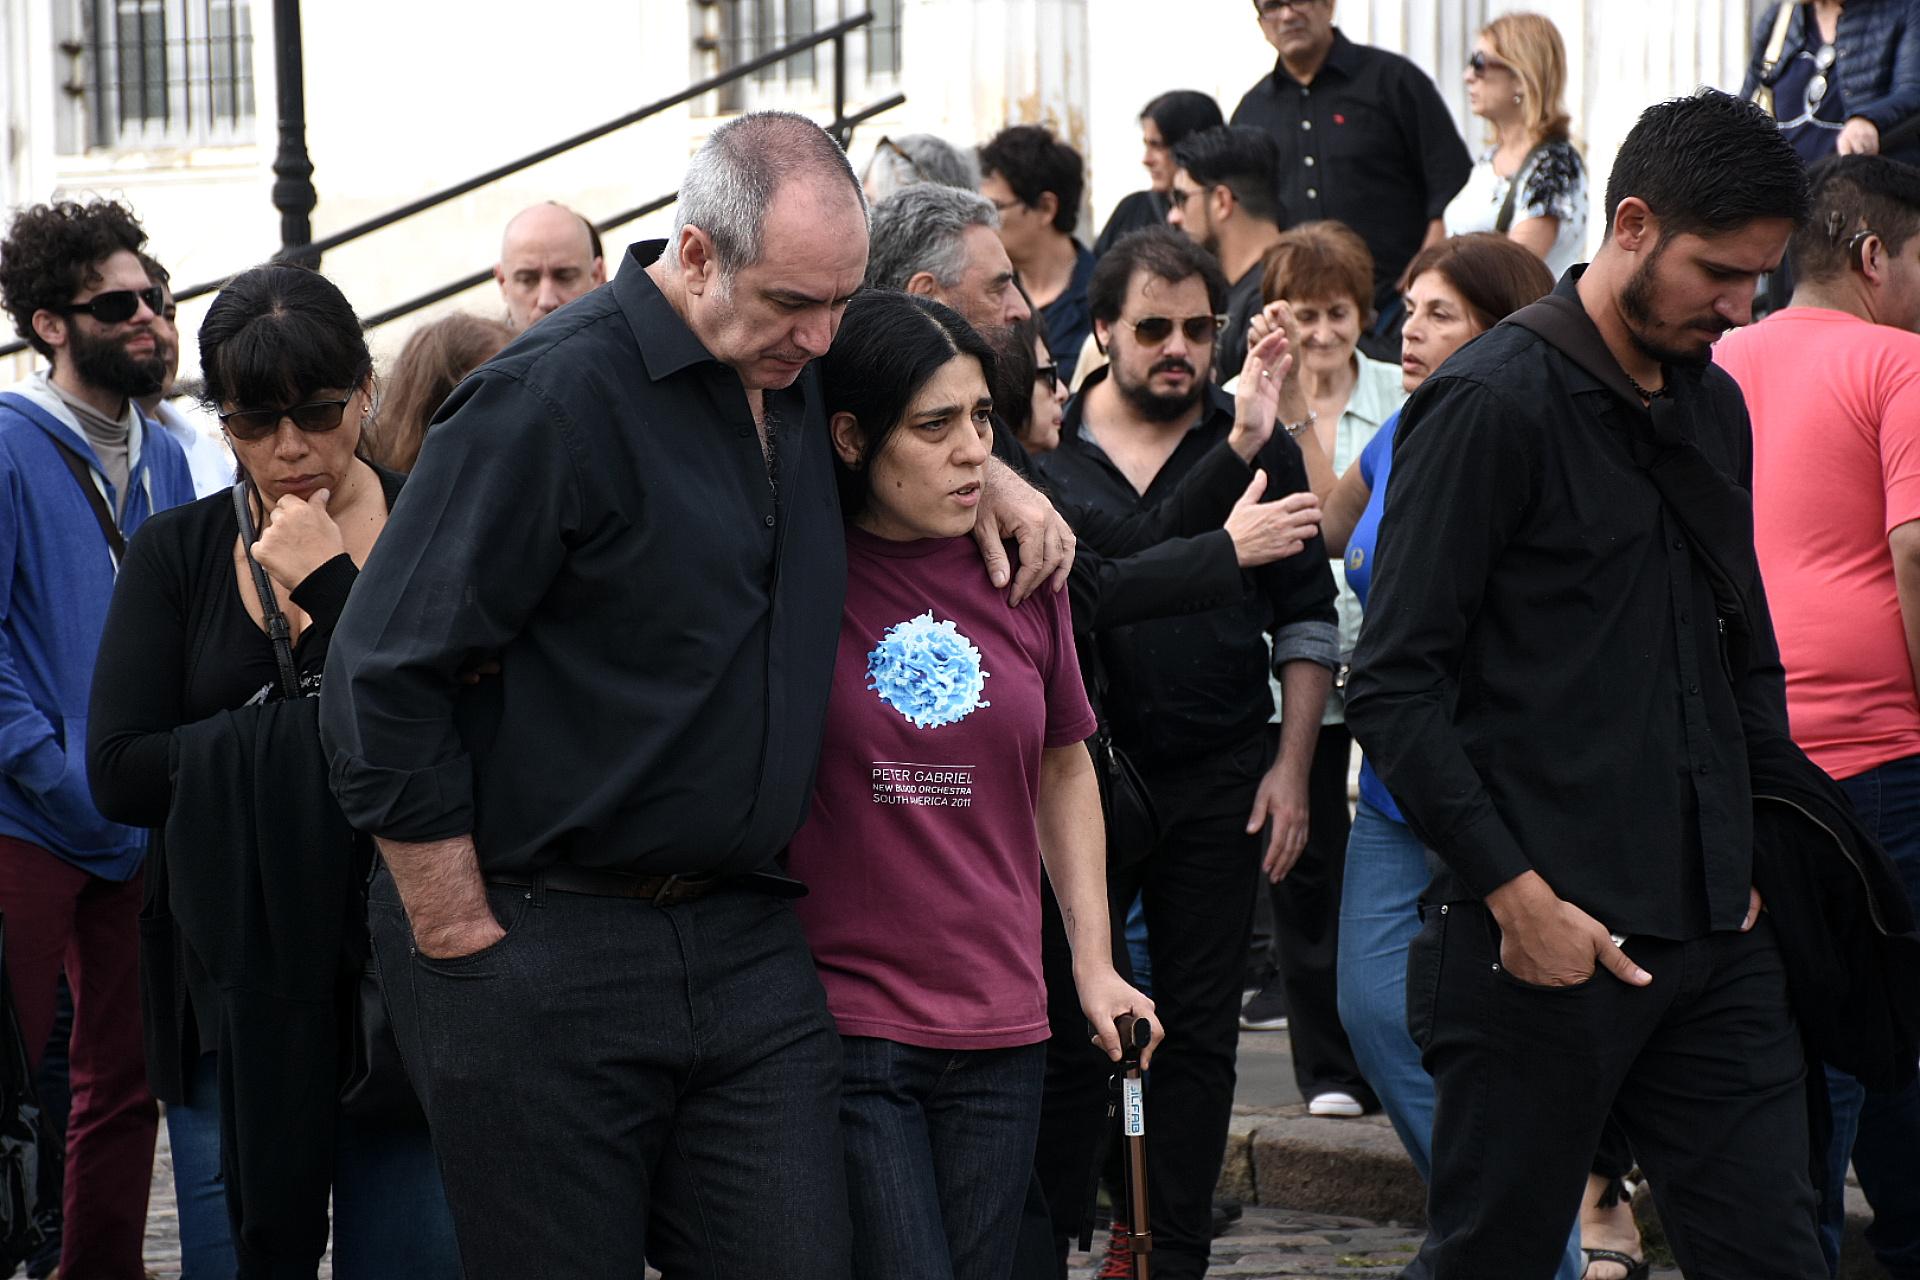 Murió Fabián Matus, el único hijo de Mercedes Sosa. Sus familiares lo despidieron en el cementerio de Chacarita el pasado sábado. (Foto: Nicolás Stulberg)